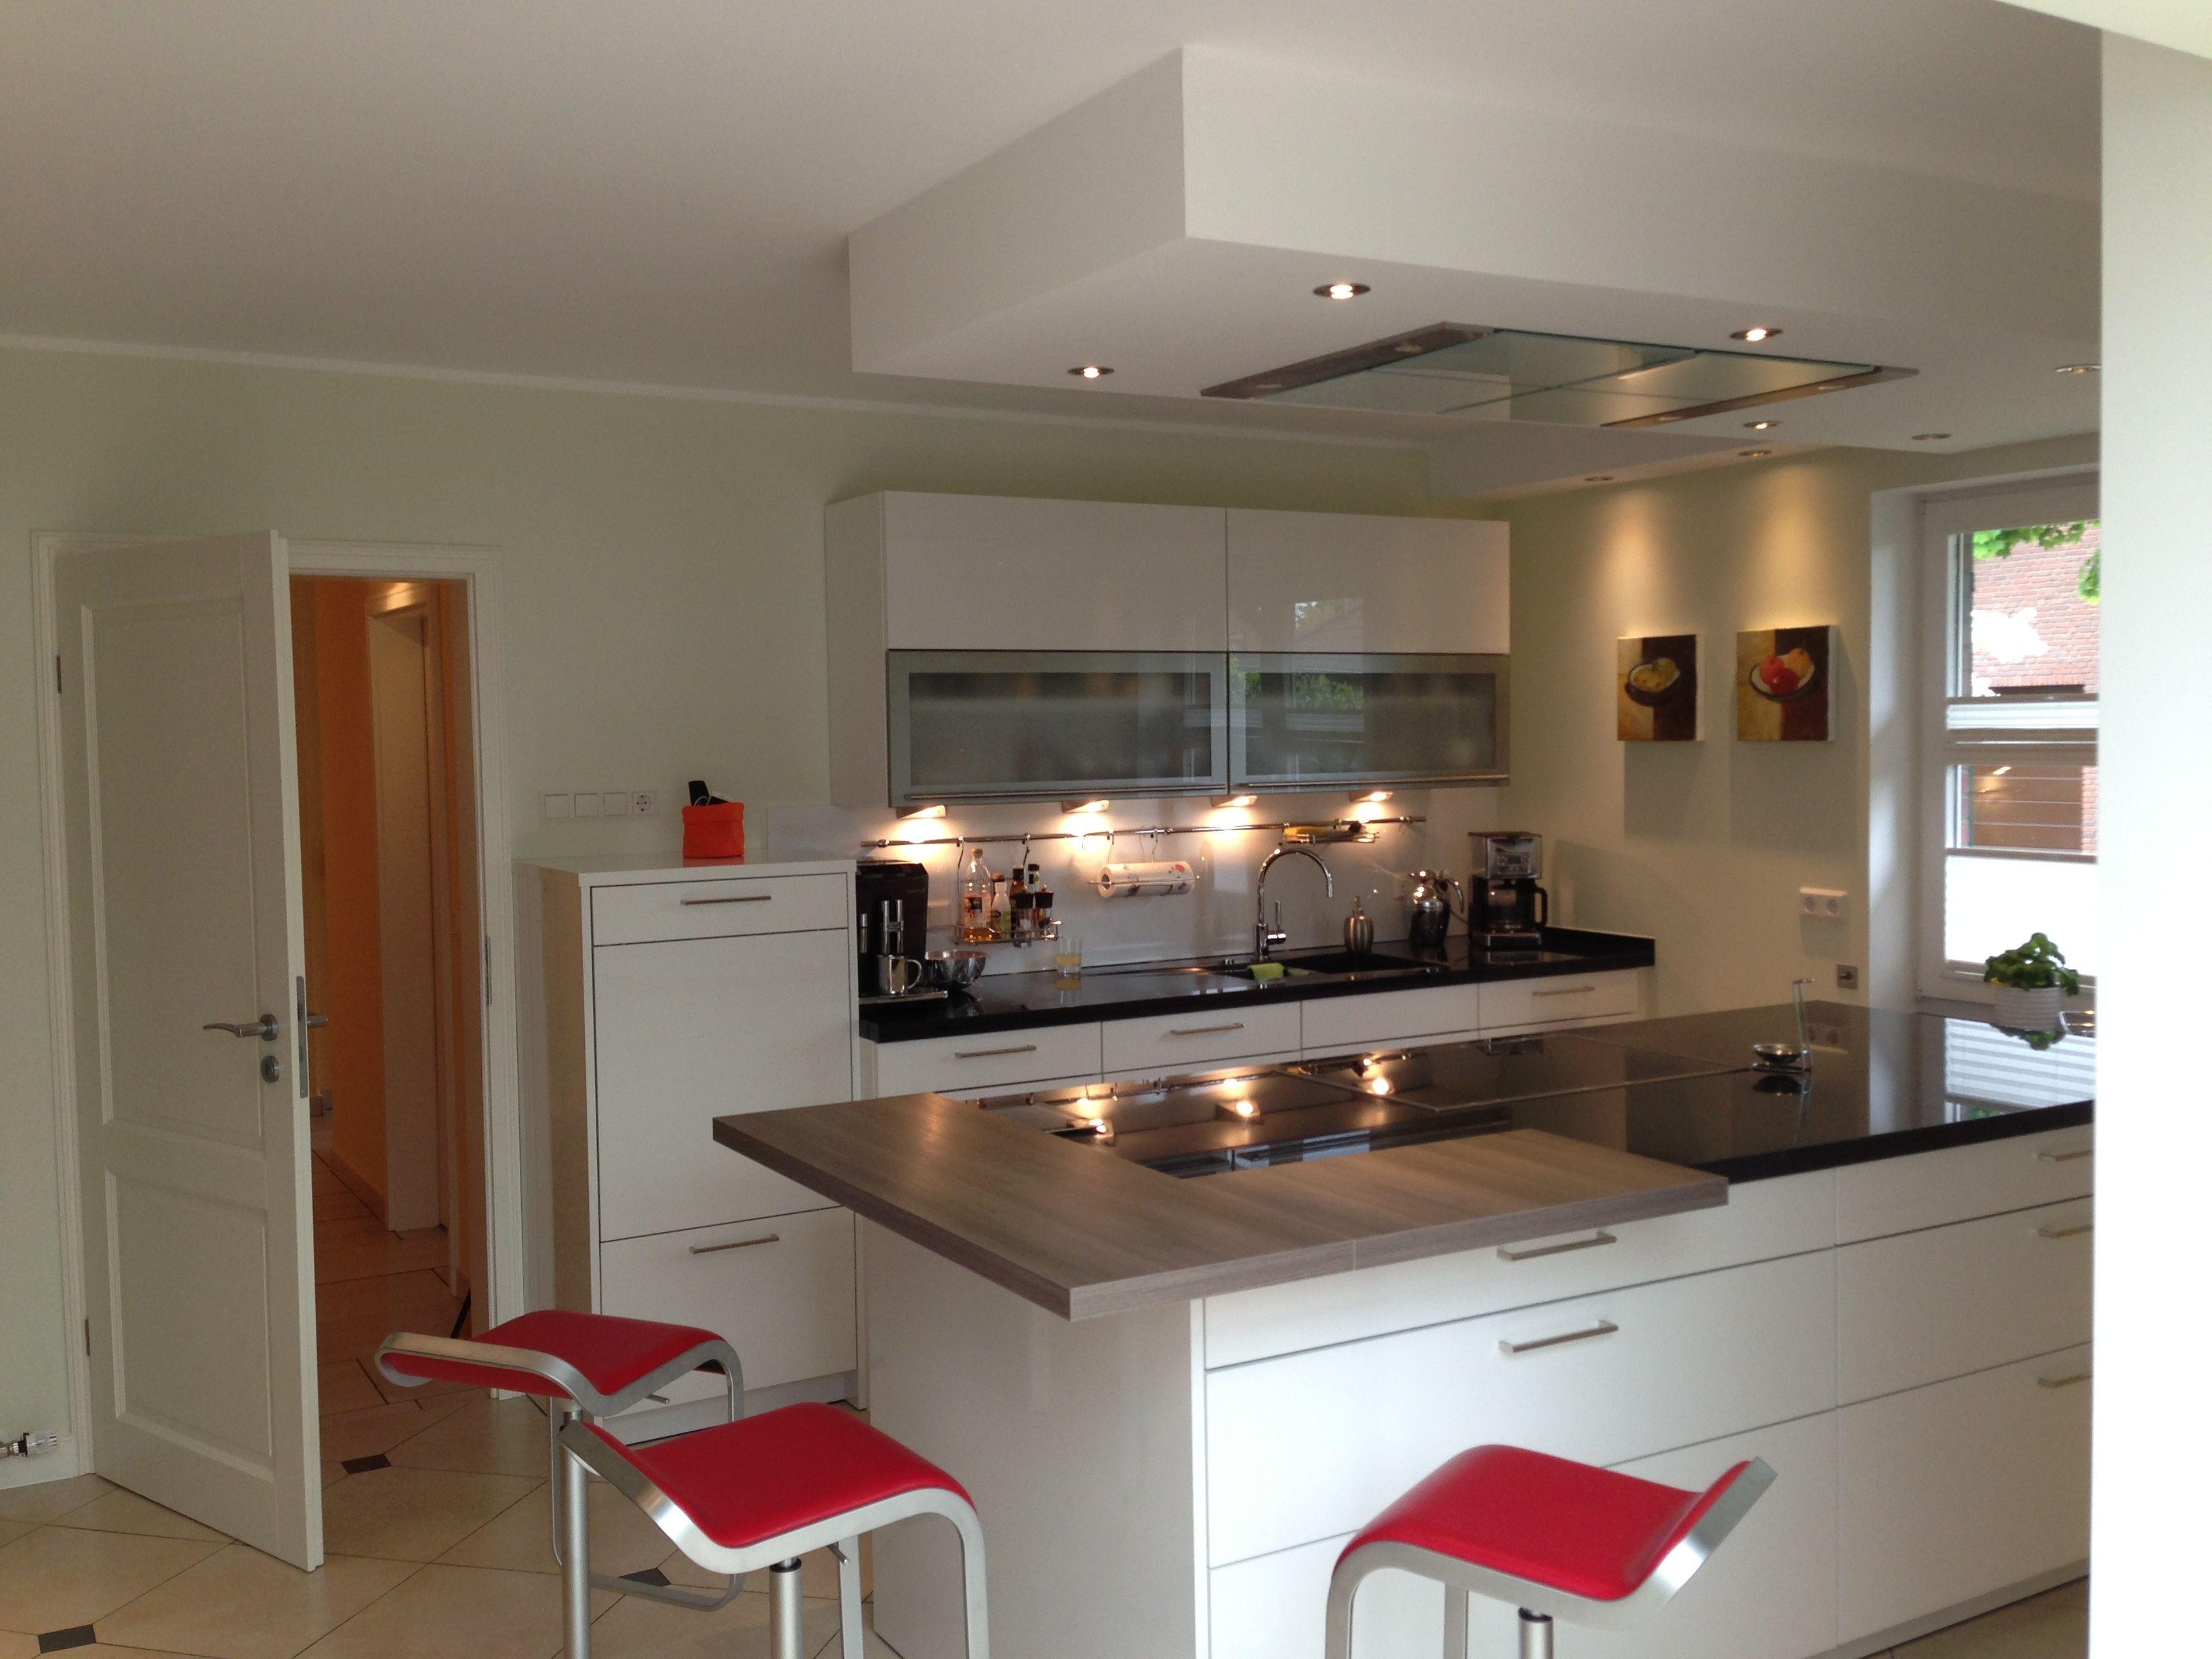 Küche k design siematic küche umbau in dinklage  siematic  pinterest  kitchens